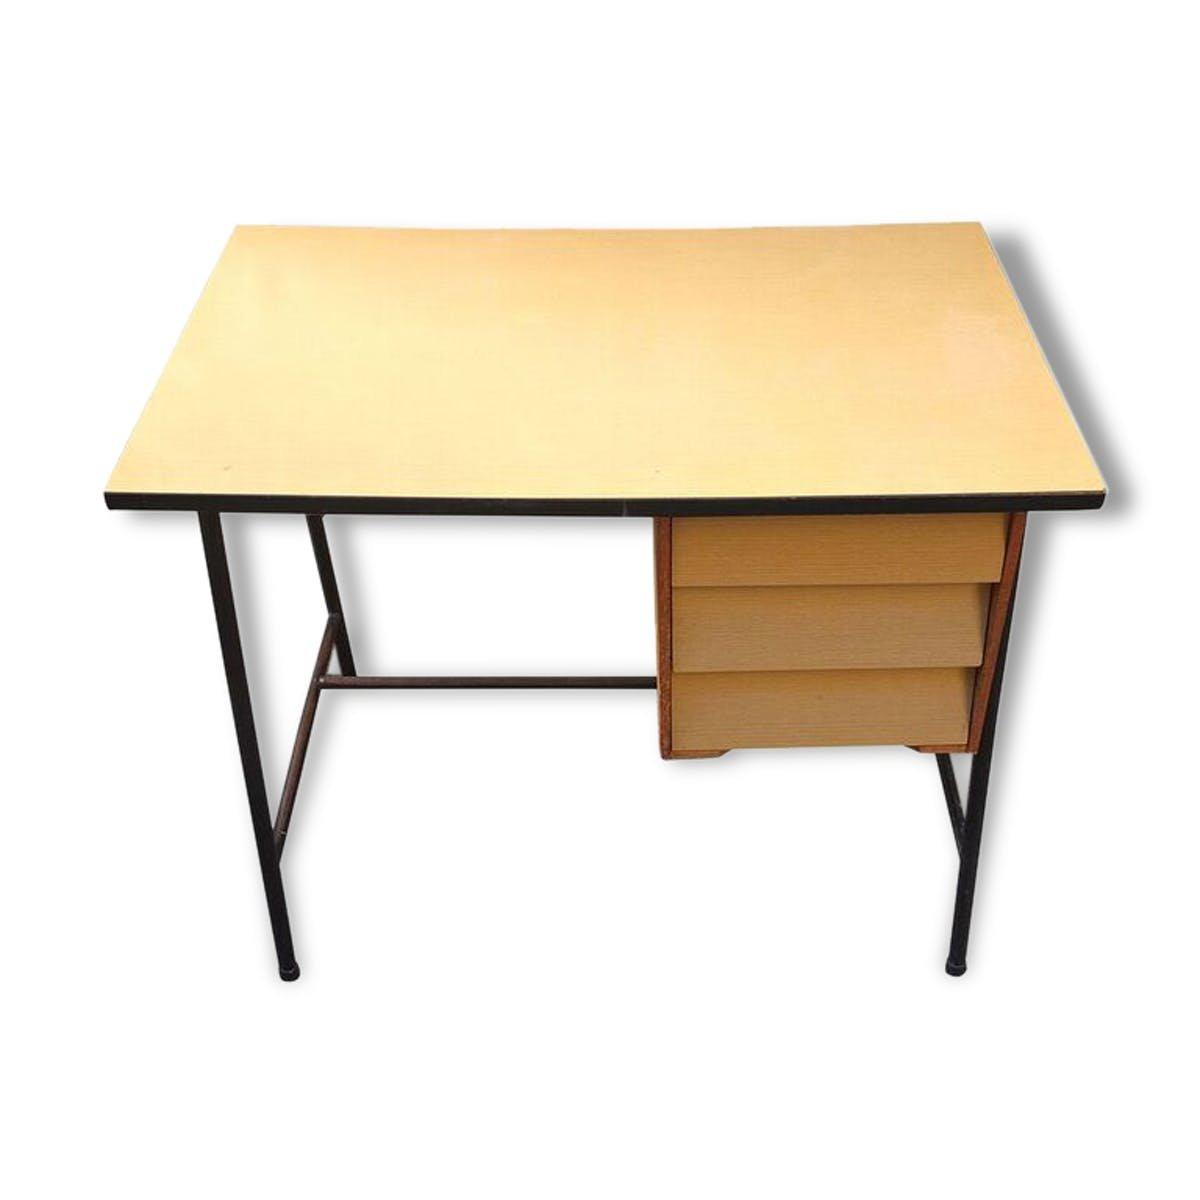 Vintage metall birkenholz schreibtisch bei pamono kaufen for Schreibtisch metall